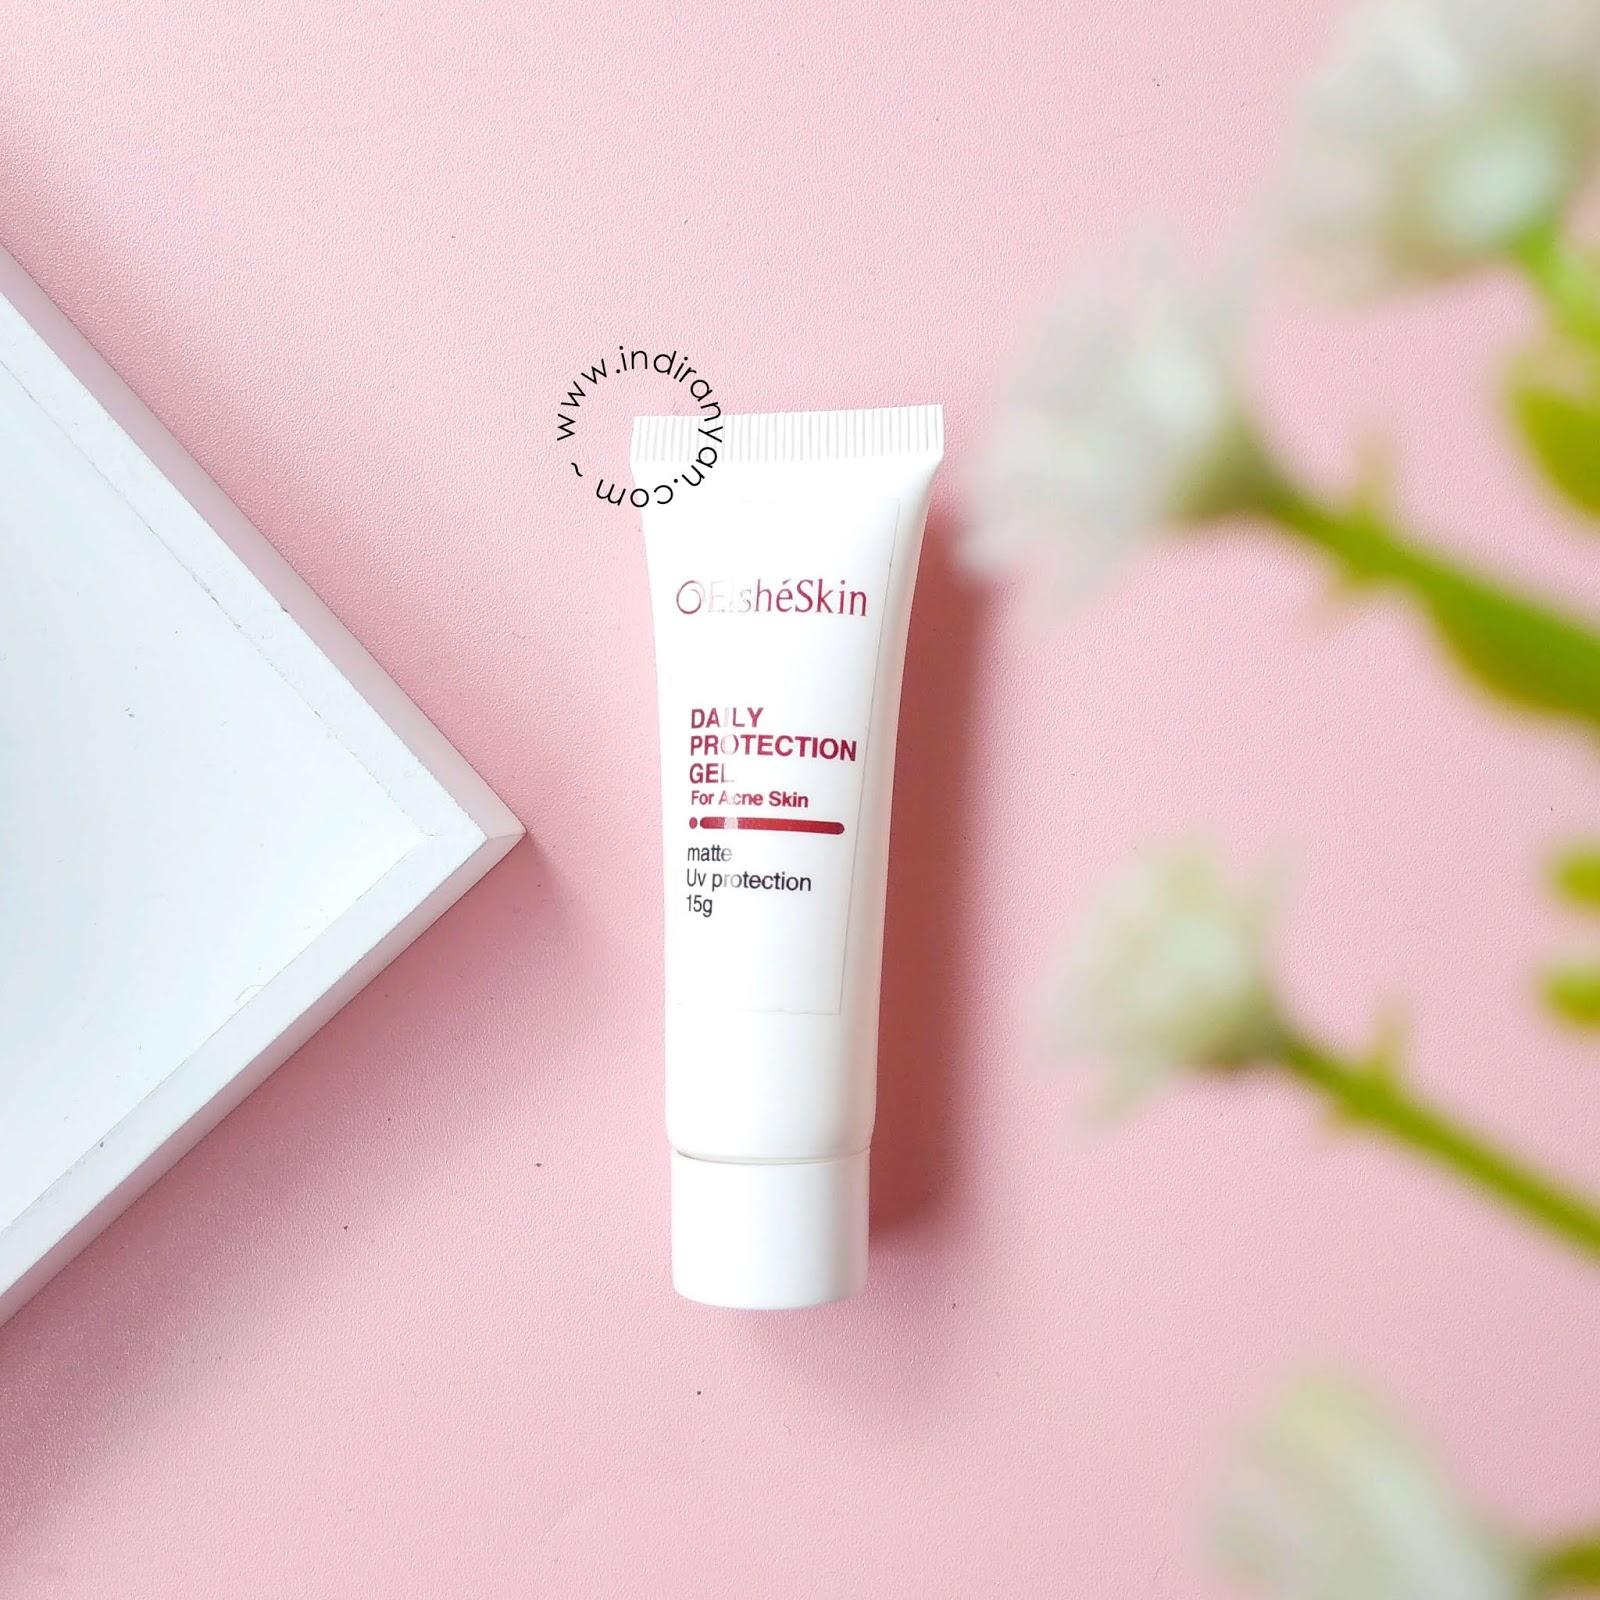 sunscreen-elsheskin, elsheskin-daily-protection-gel, review-elsheskin, elsheskin-untuk-kulit-berjerawat, elsheskin-acne-treatment-series